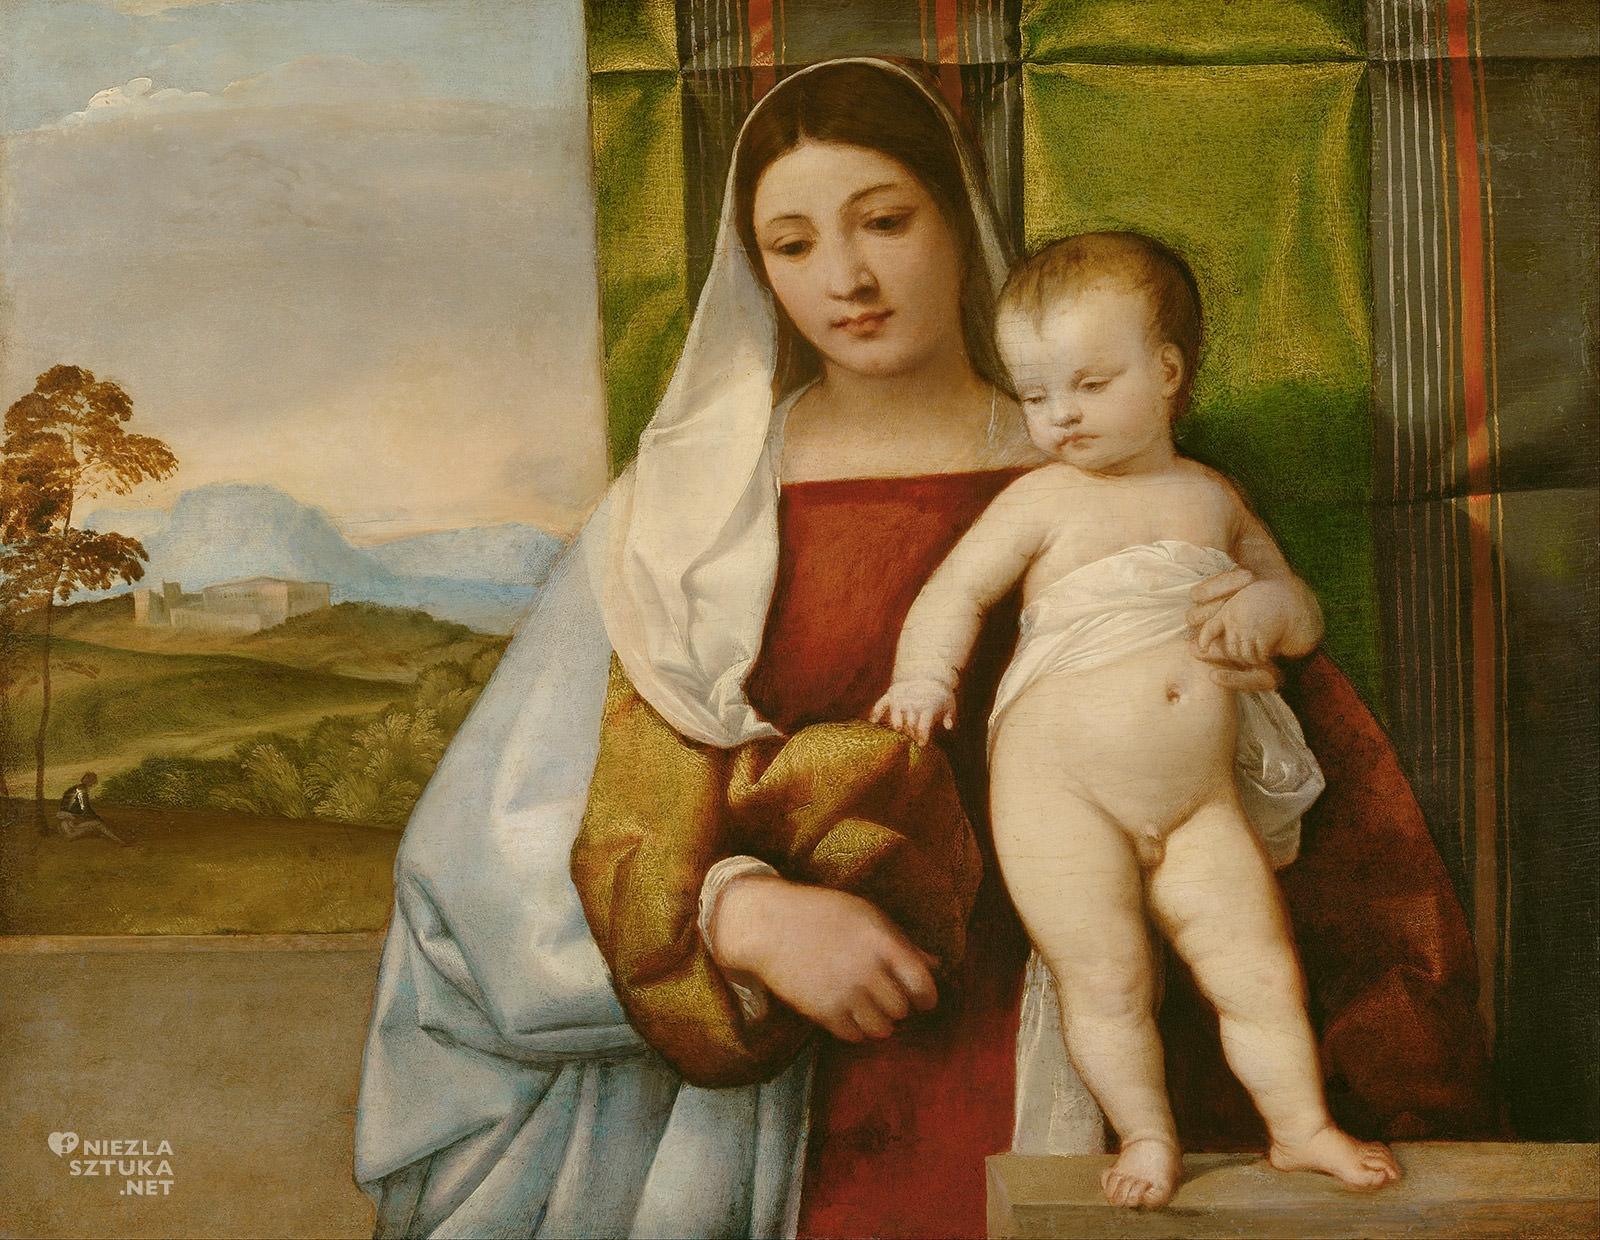 Tycjan, Madonna cygańska, renesans, szkoła wenecka, sztuka włoska, Niezła Sztuka